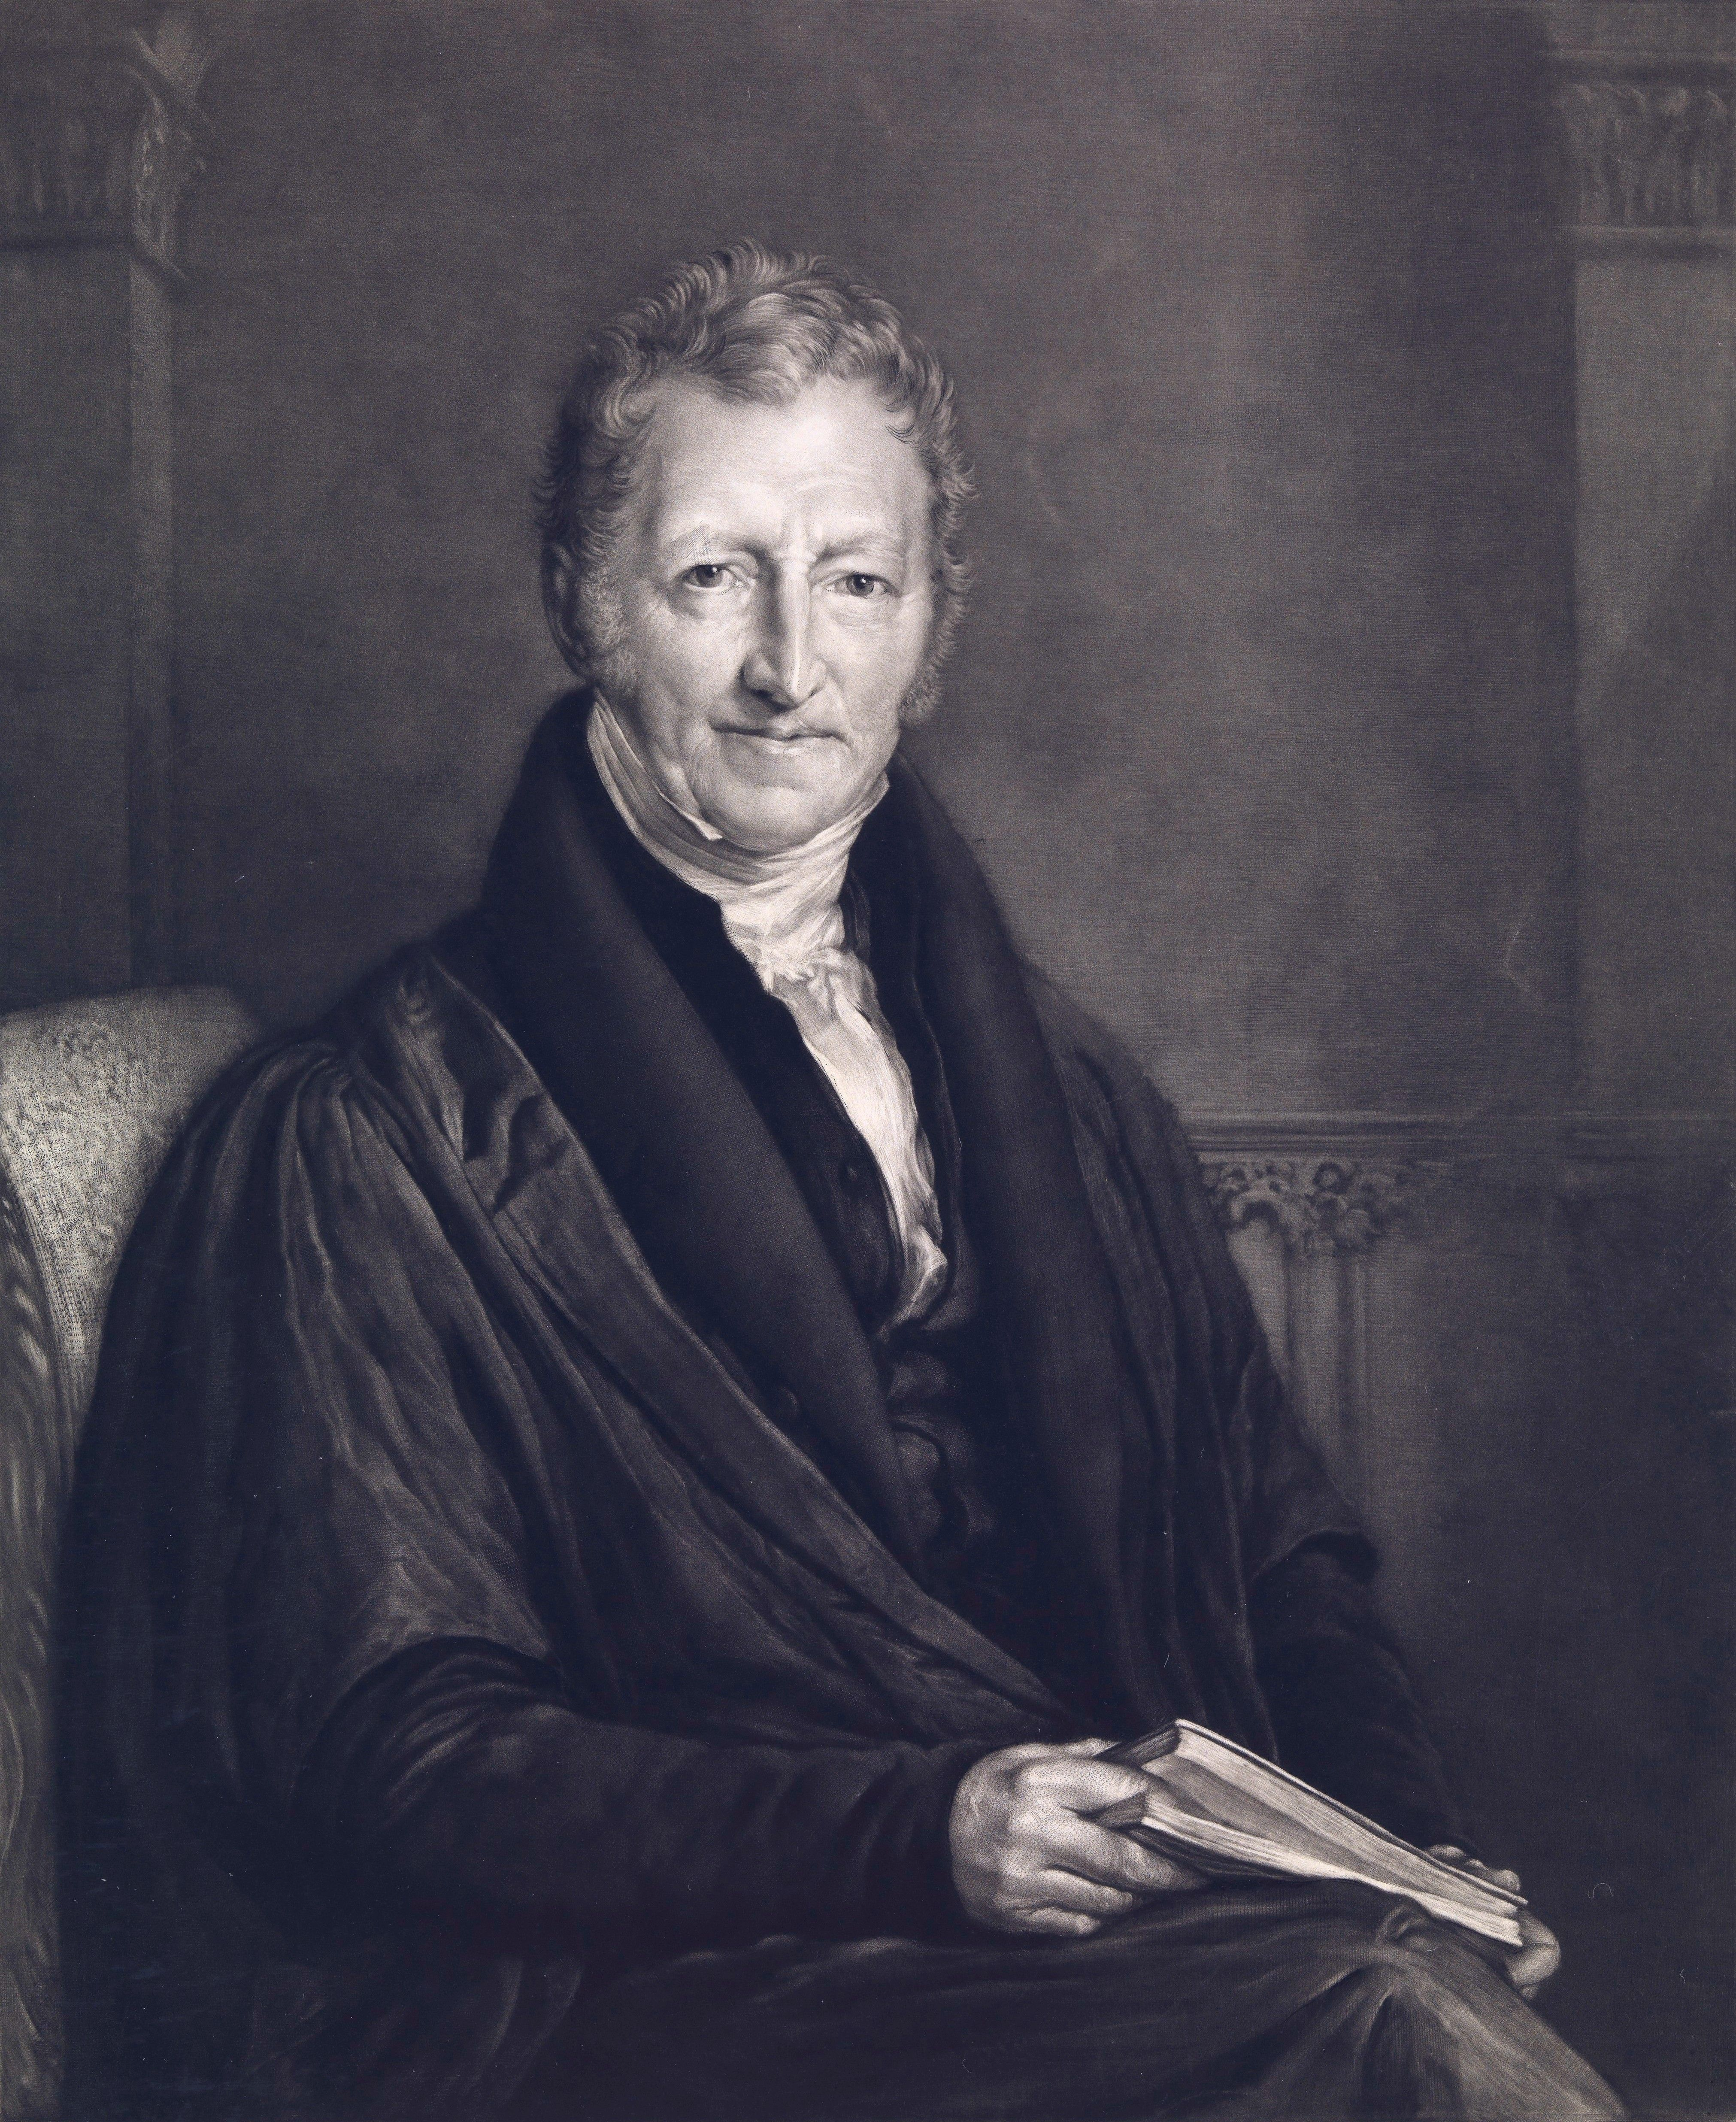 Thomas Robert Malthus va, par ses écrits, acquérir une notoriété internationale parce qu'il va prôner une limitation des naissances.